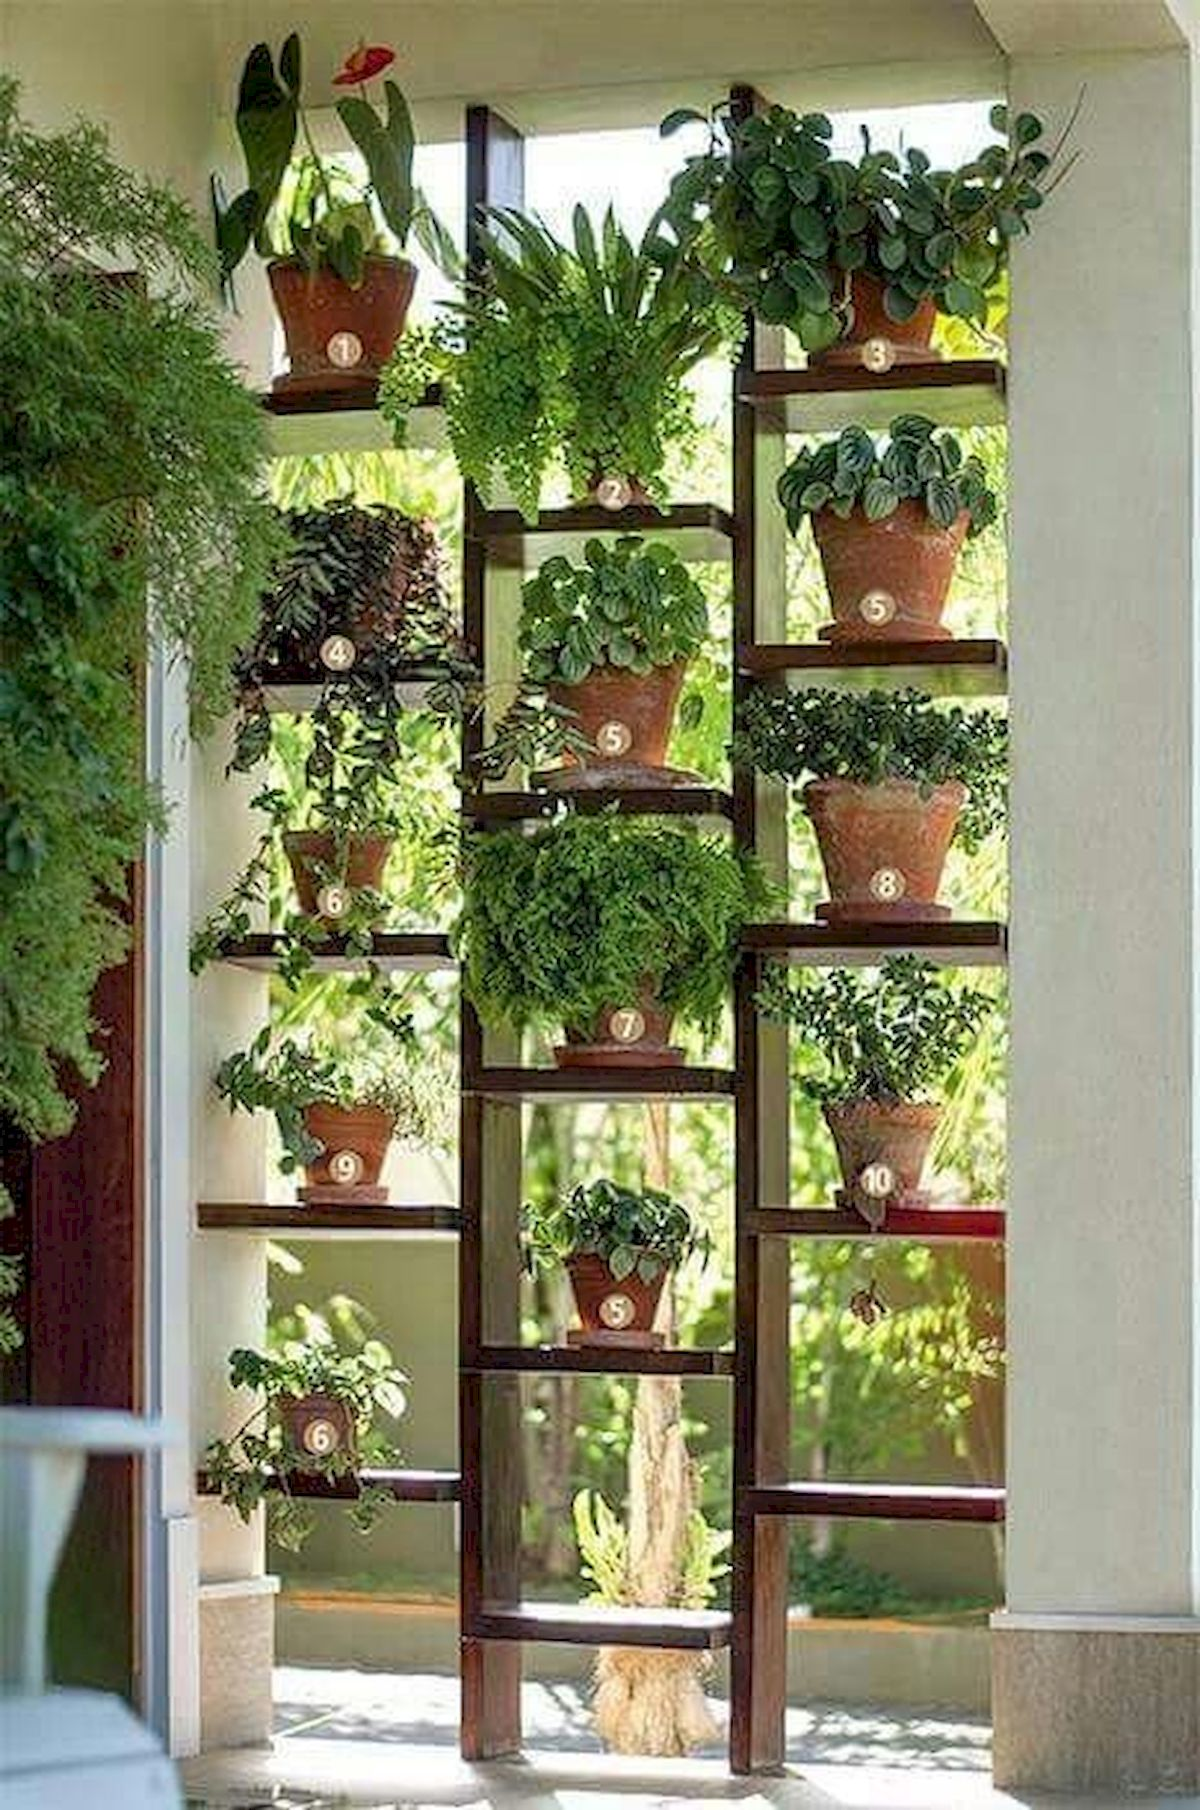 44 Creative DIY Vertical Garden Ideas To Make Your Home Beautiful (19)